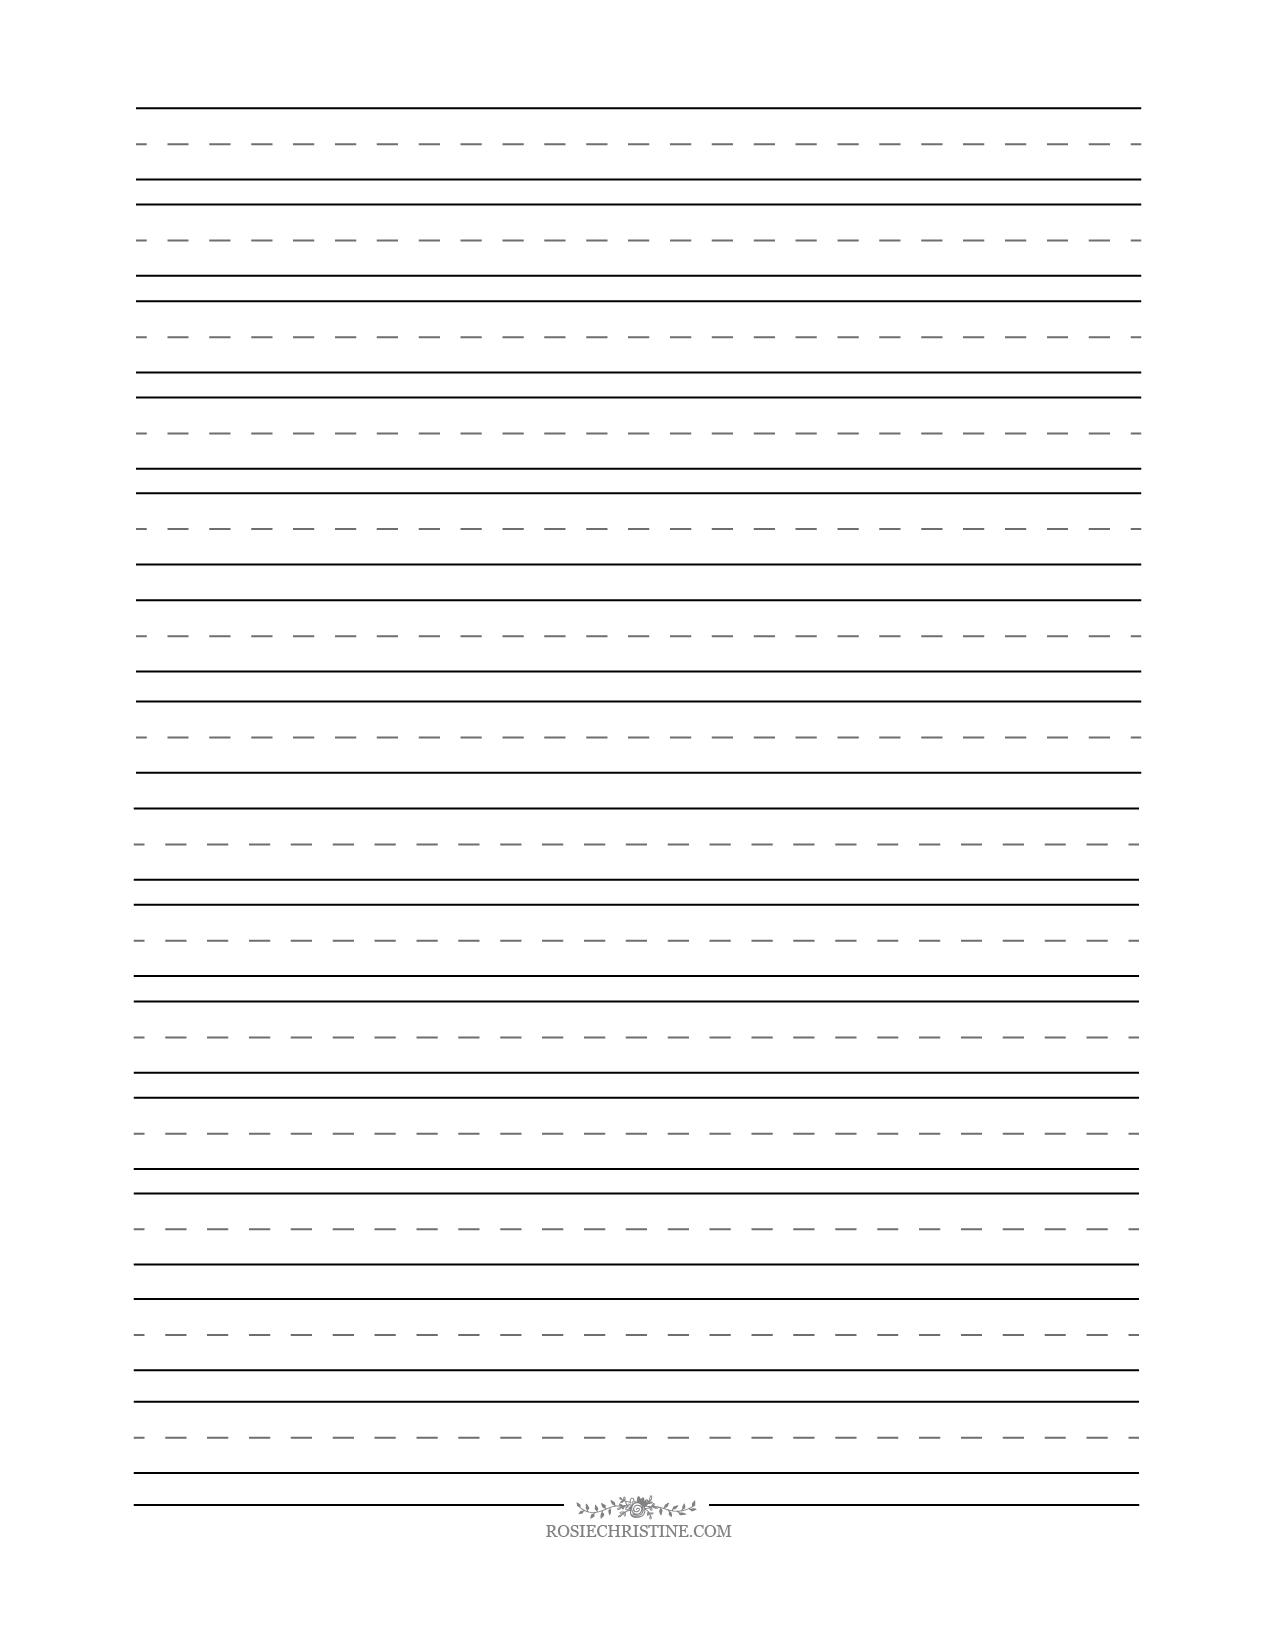 cursive blank worksheets rosie christine. Black Bedroom Furniture Sets. Home Design Ideas